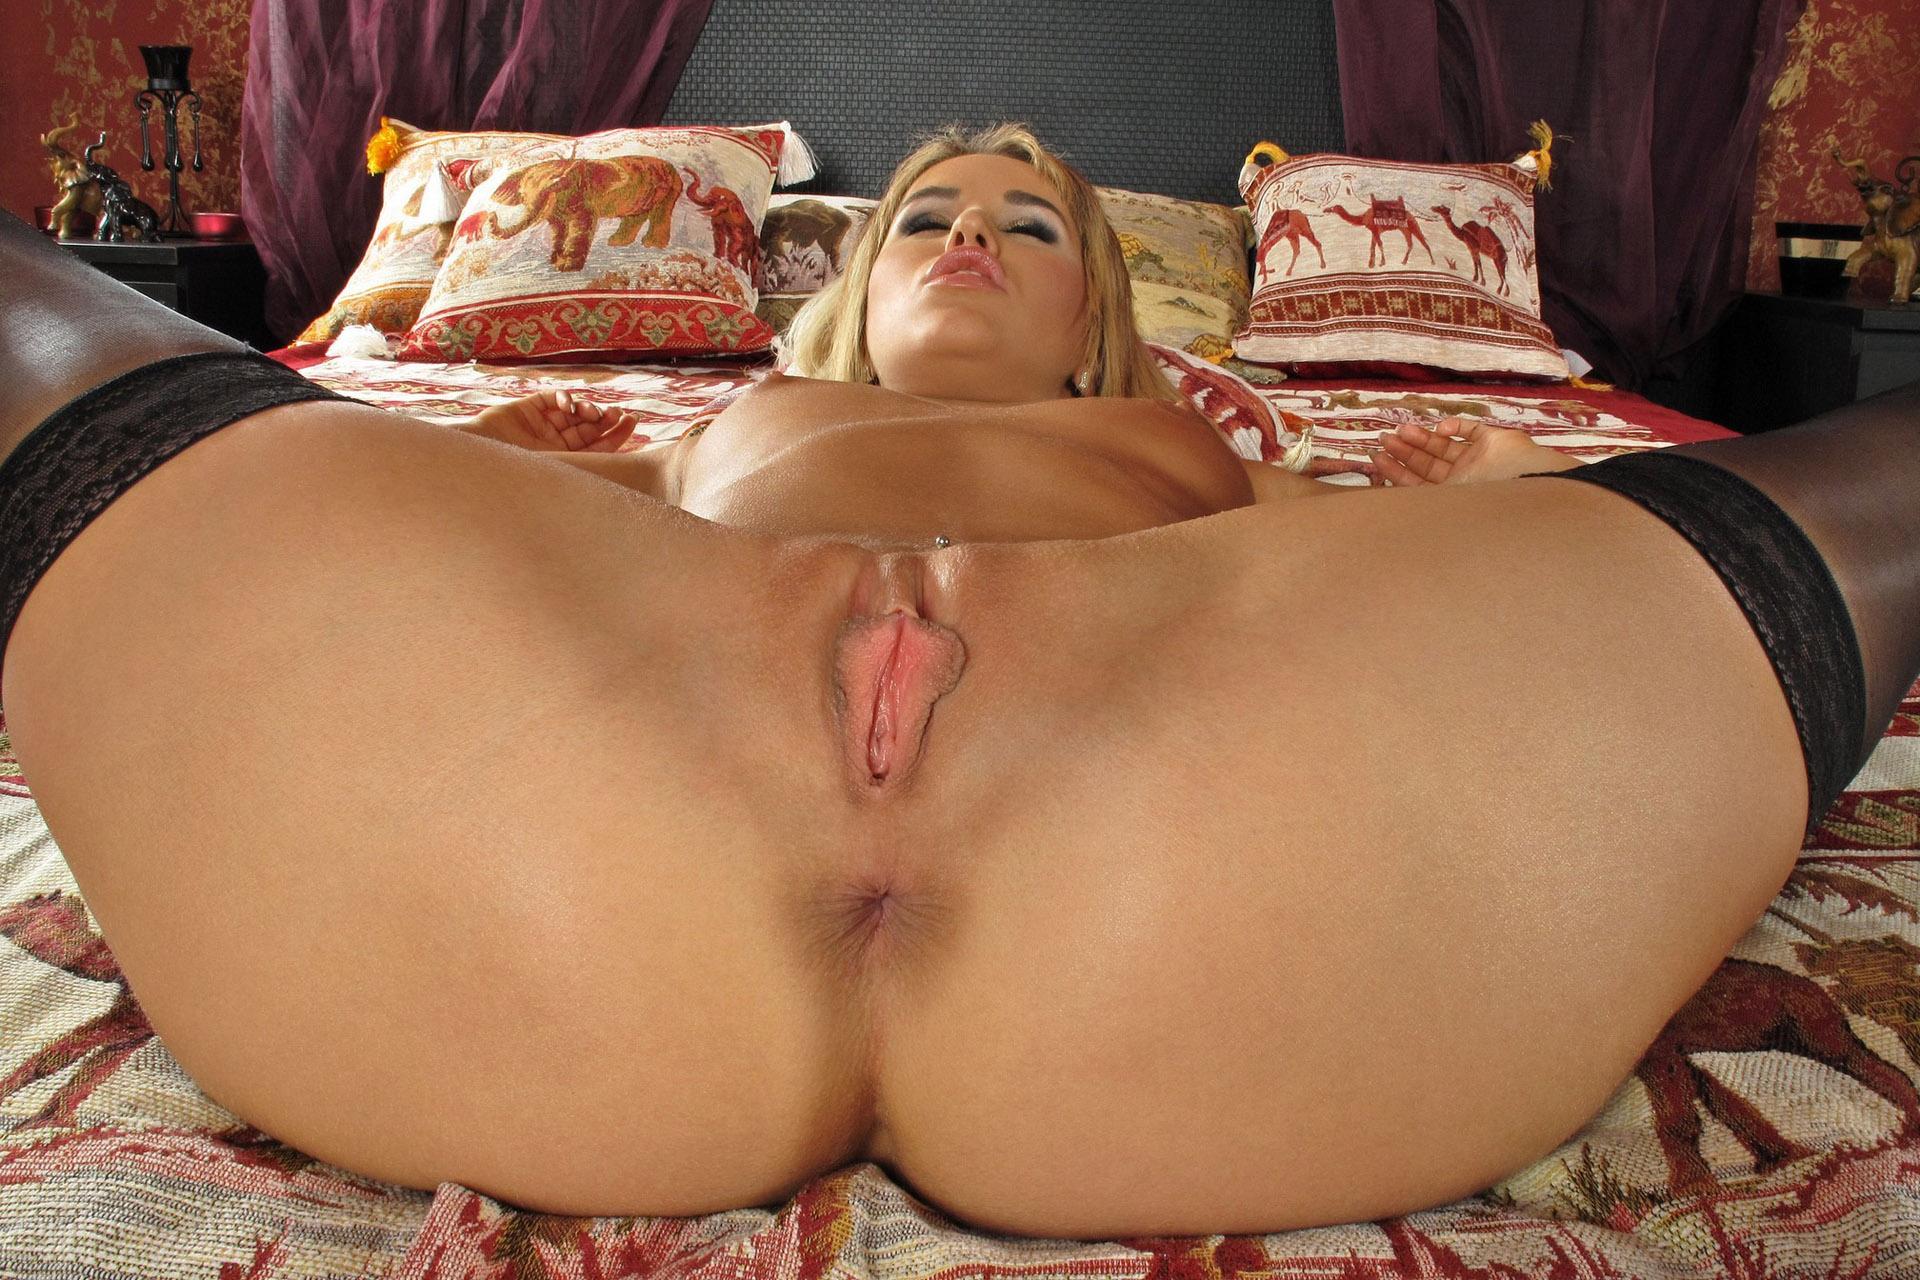 nude ass spread